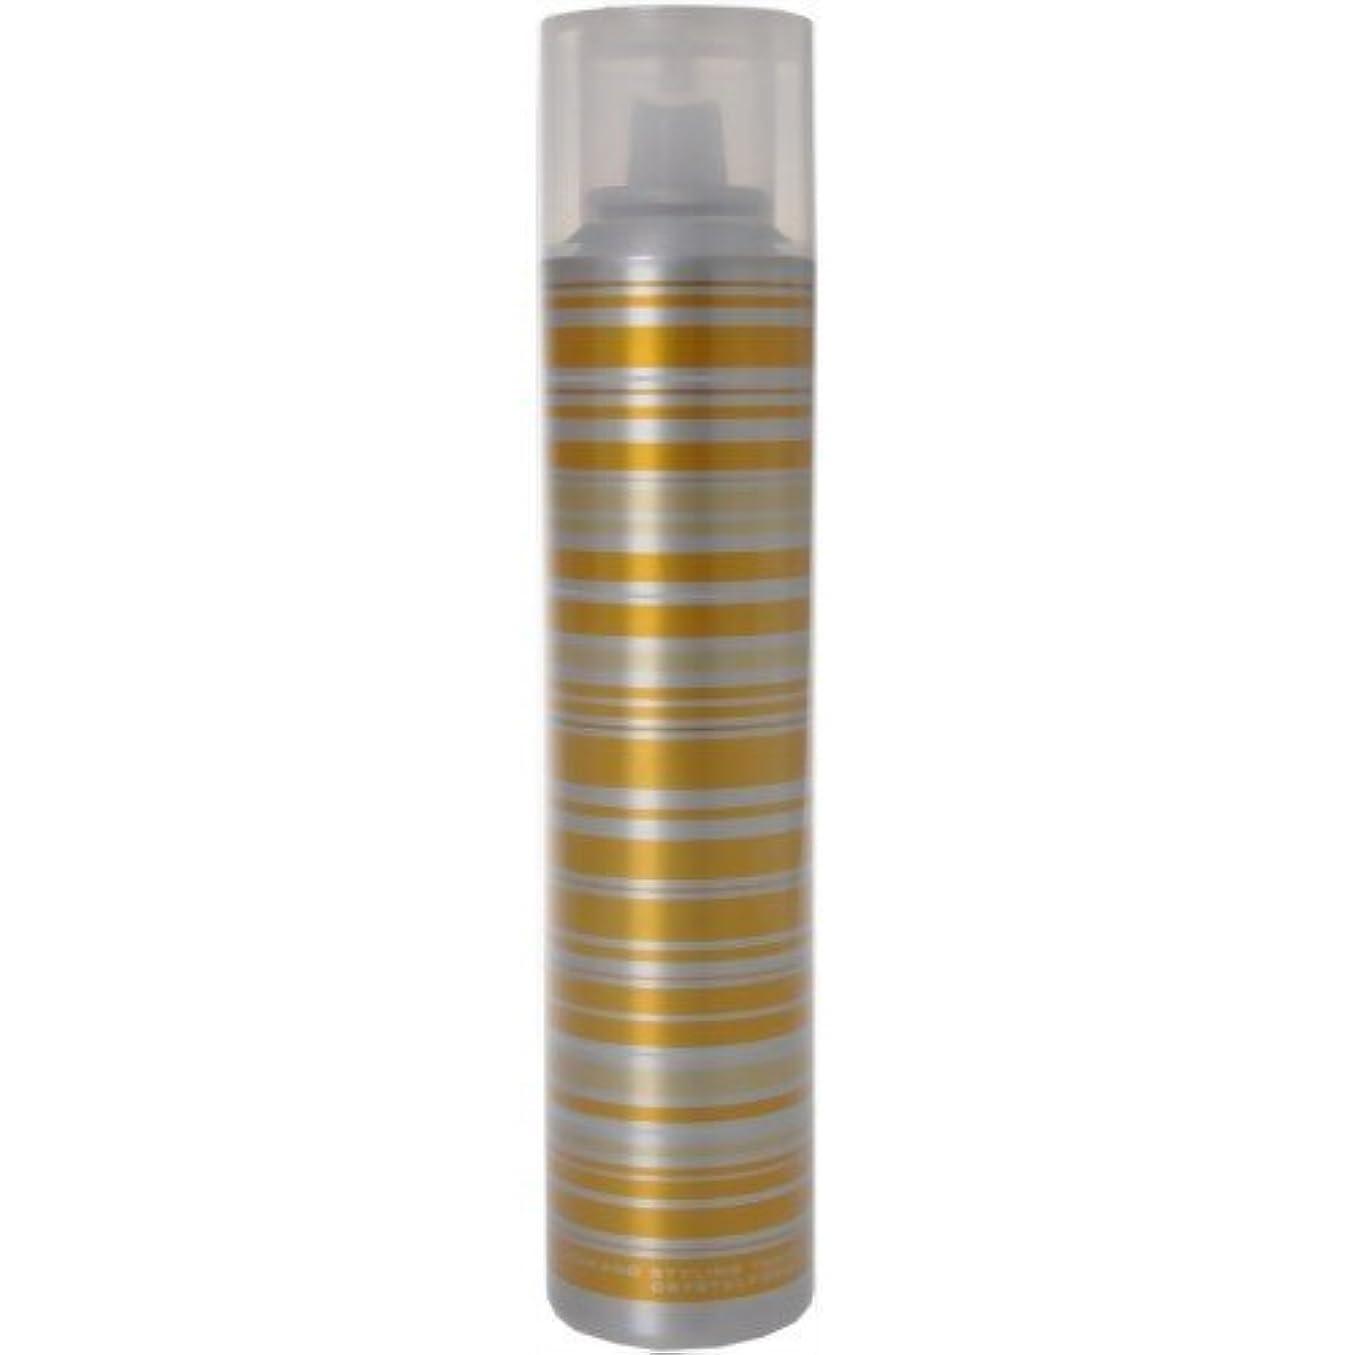 提出するハブブ画像中野製薬 ナカノ スタイリング タント クリスタルフォギー 10 180g